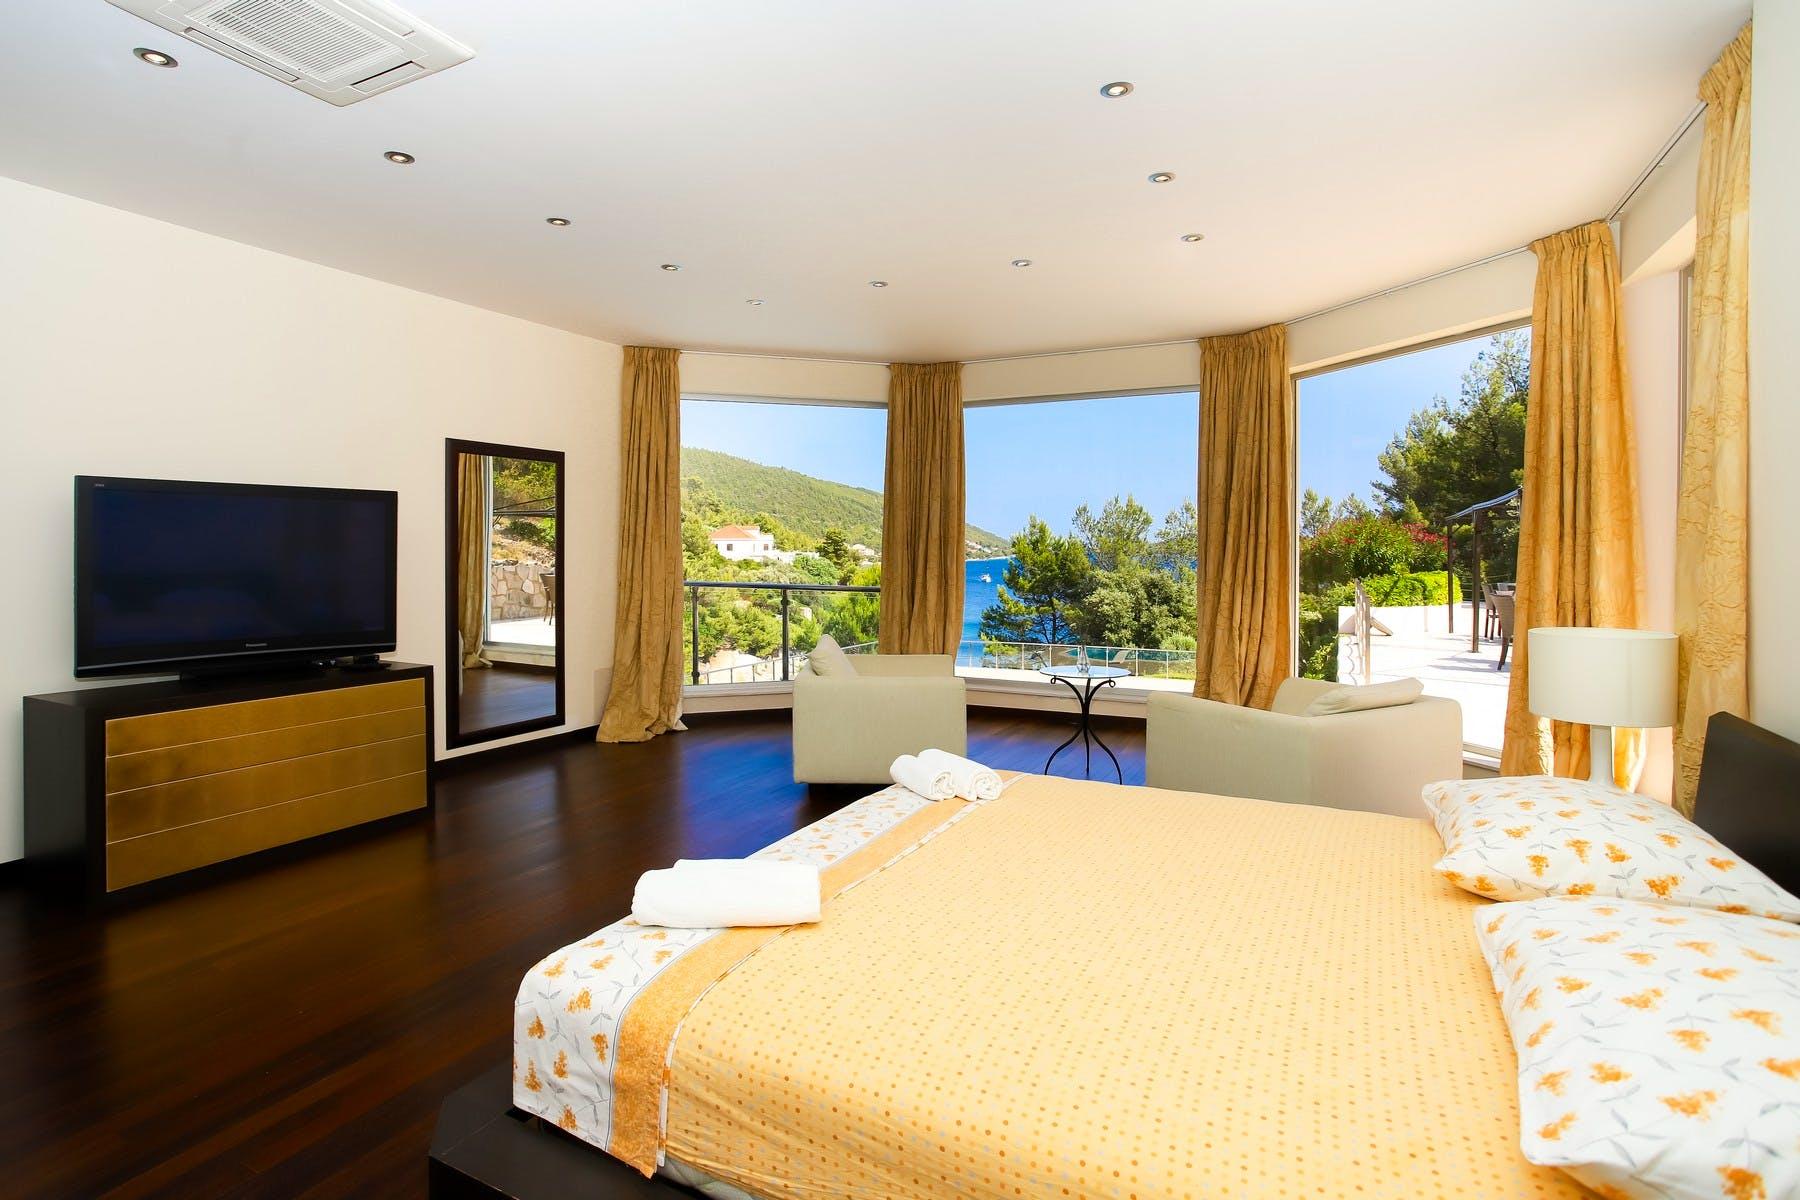 Udobna spavaća soba s prekrasnim pogledom